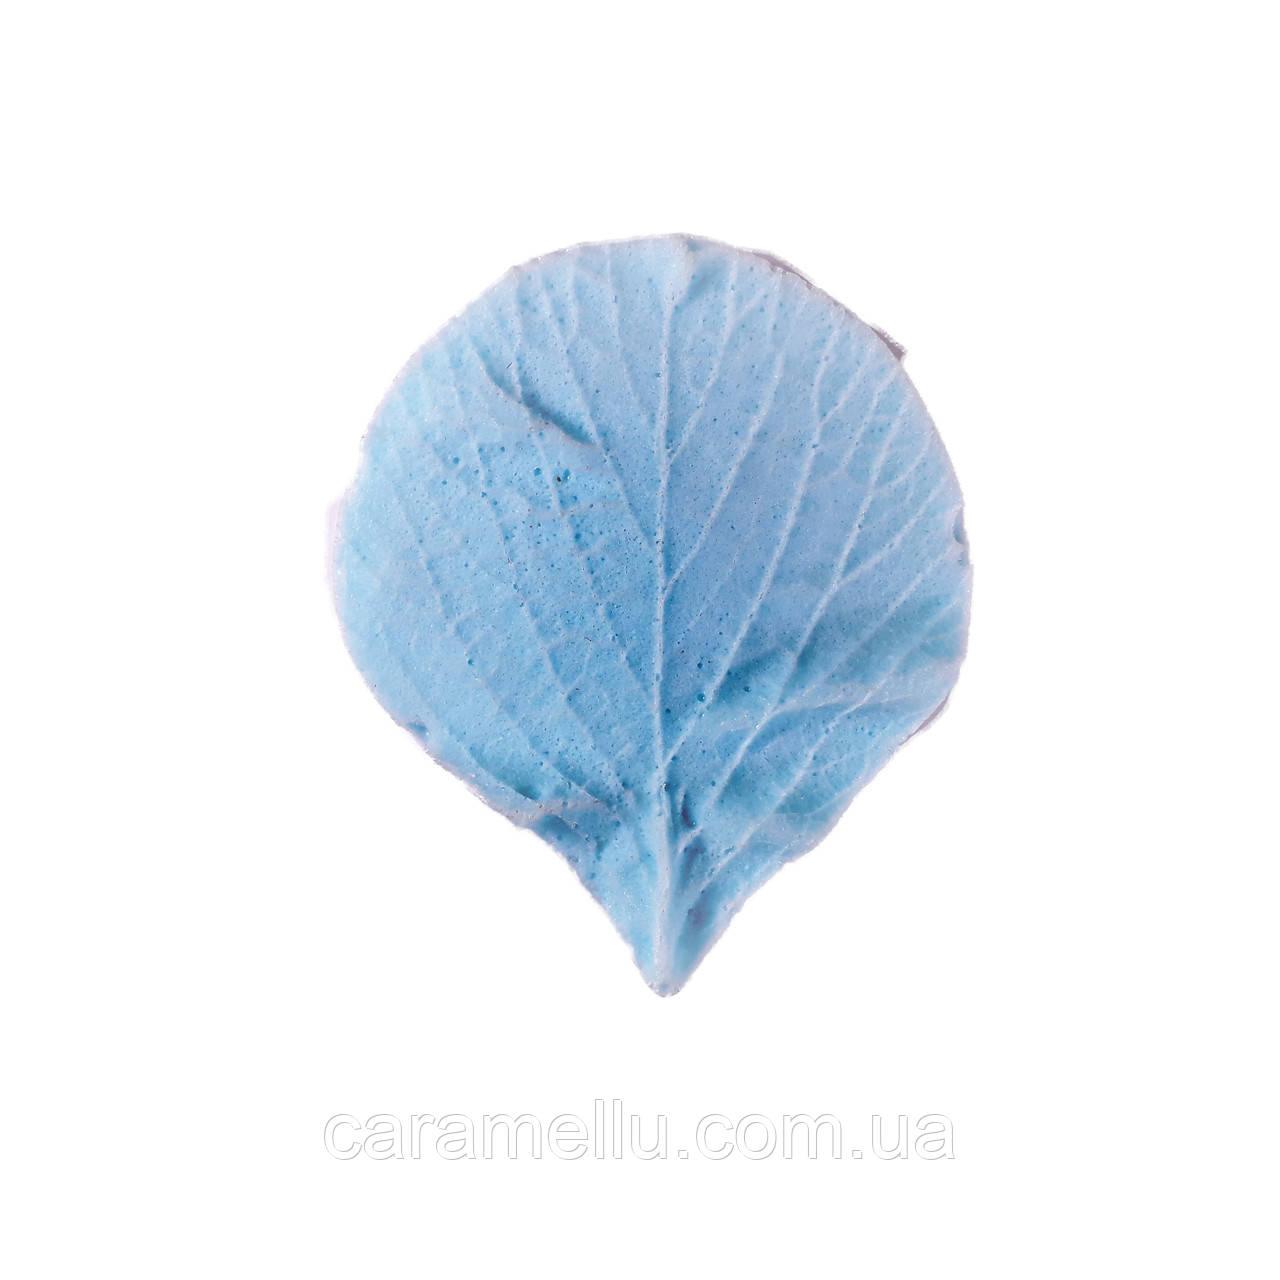 Молд Лист универсальный круглый 5х6см